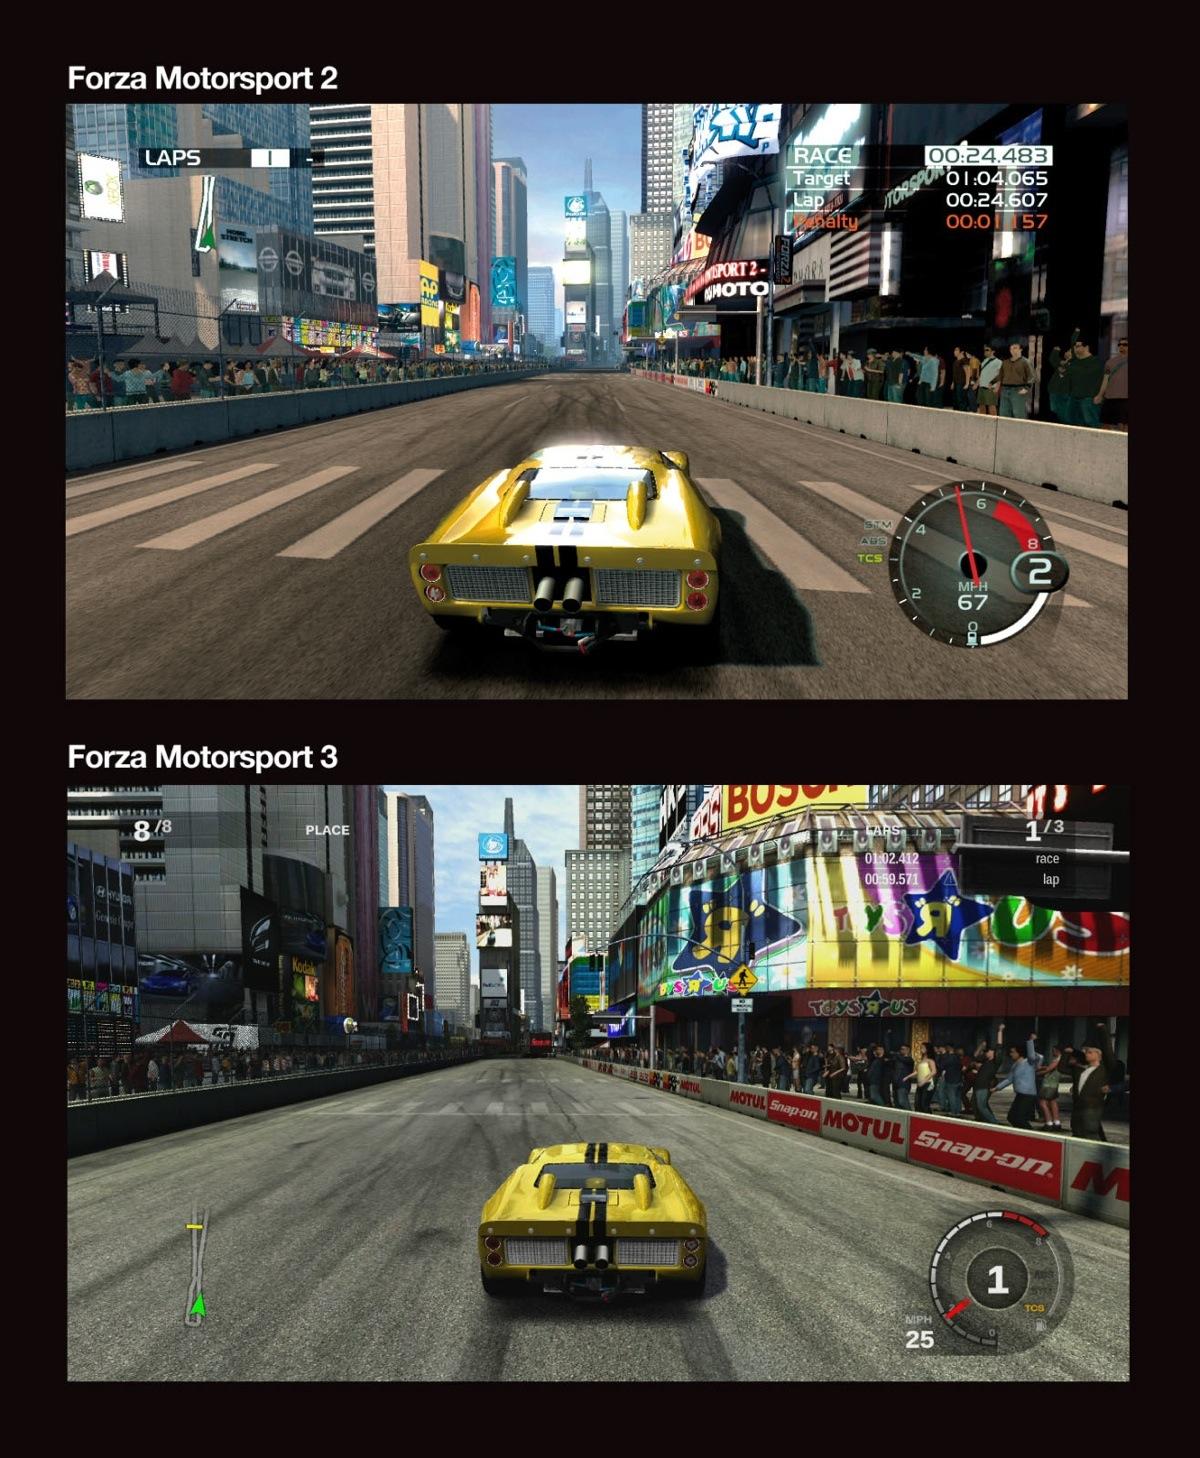 Forza3 X360 Div-Comparo001